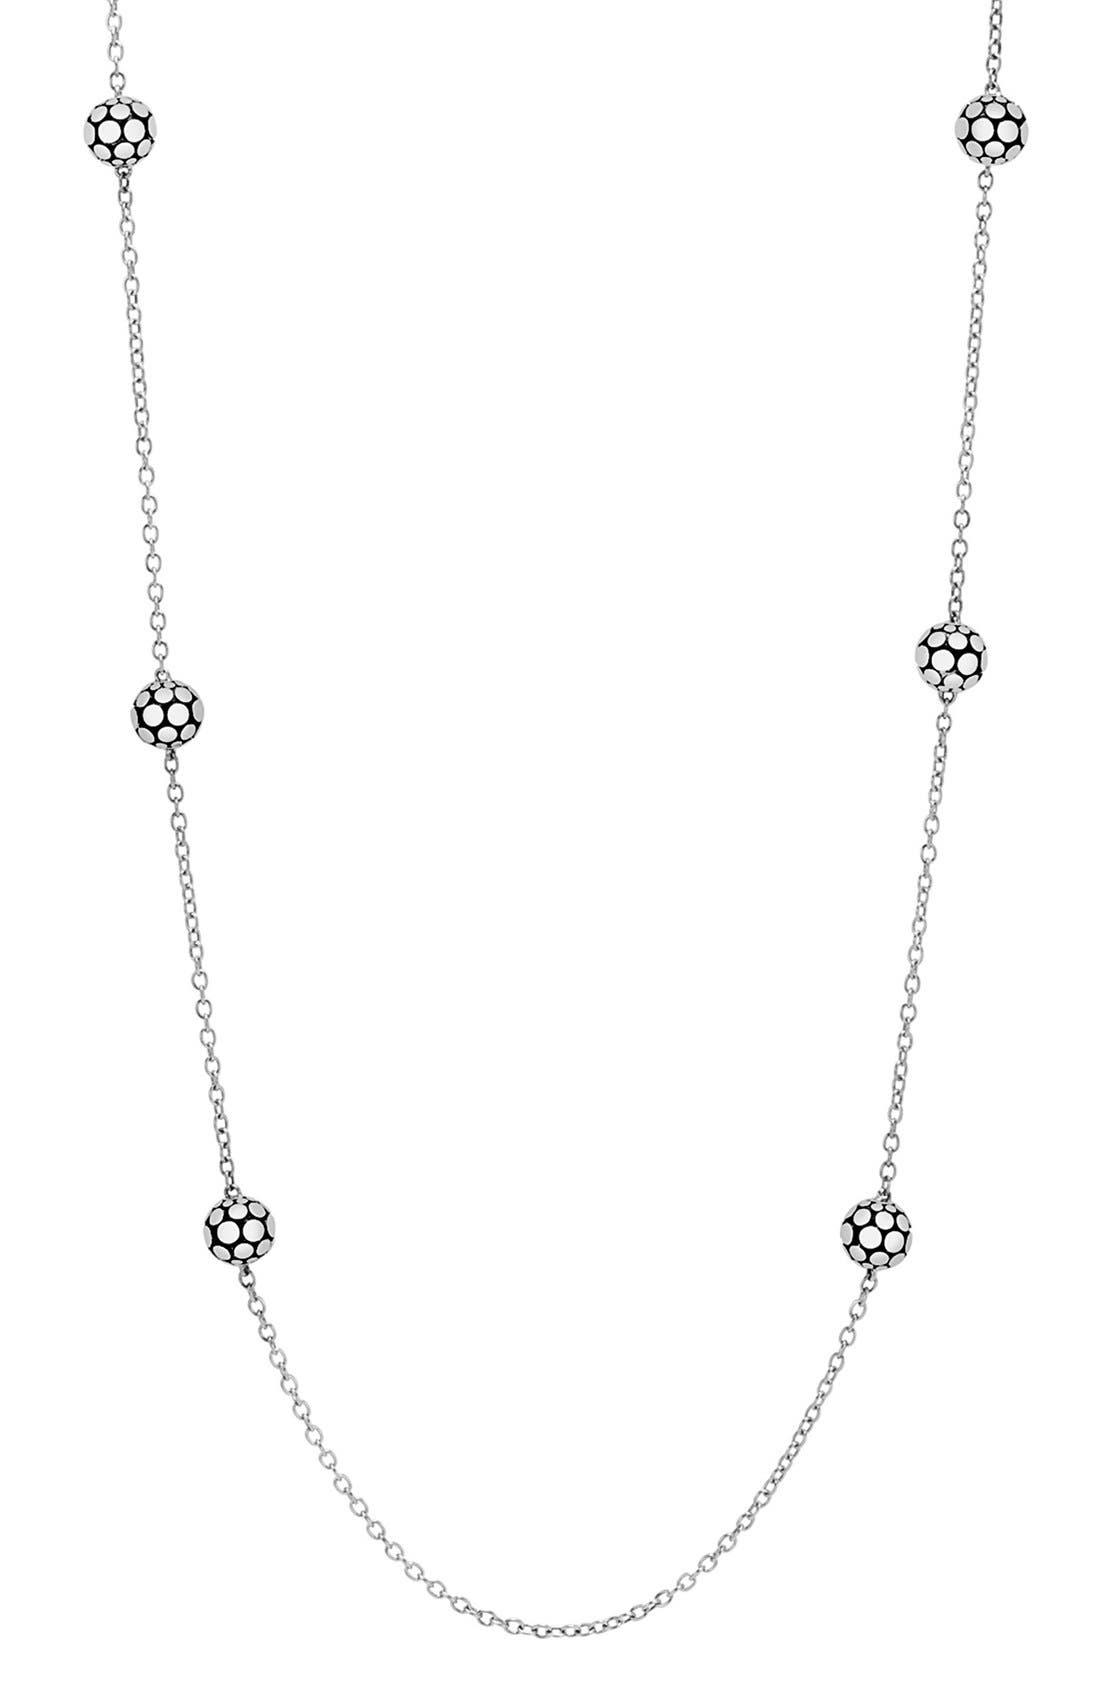 Alternate Image 1 Selected - John Hardy Dot Station Necklace